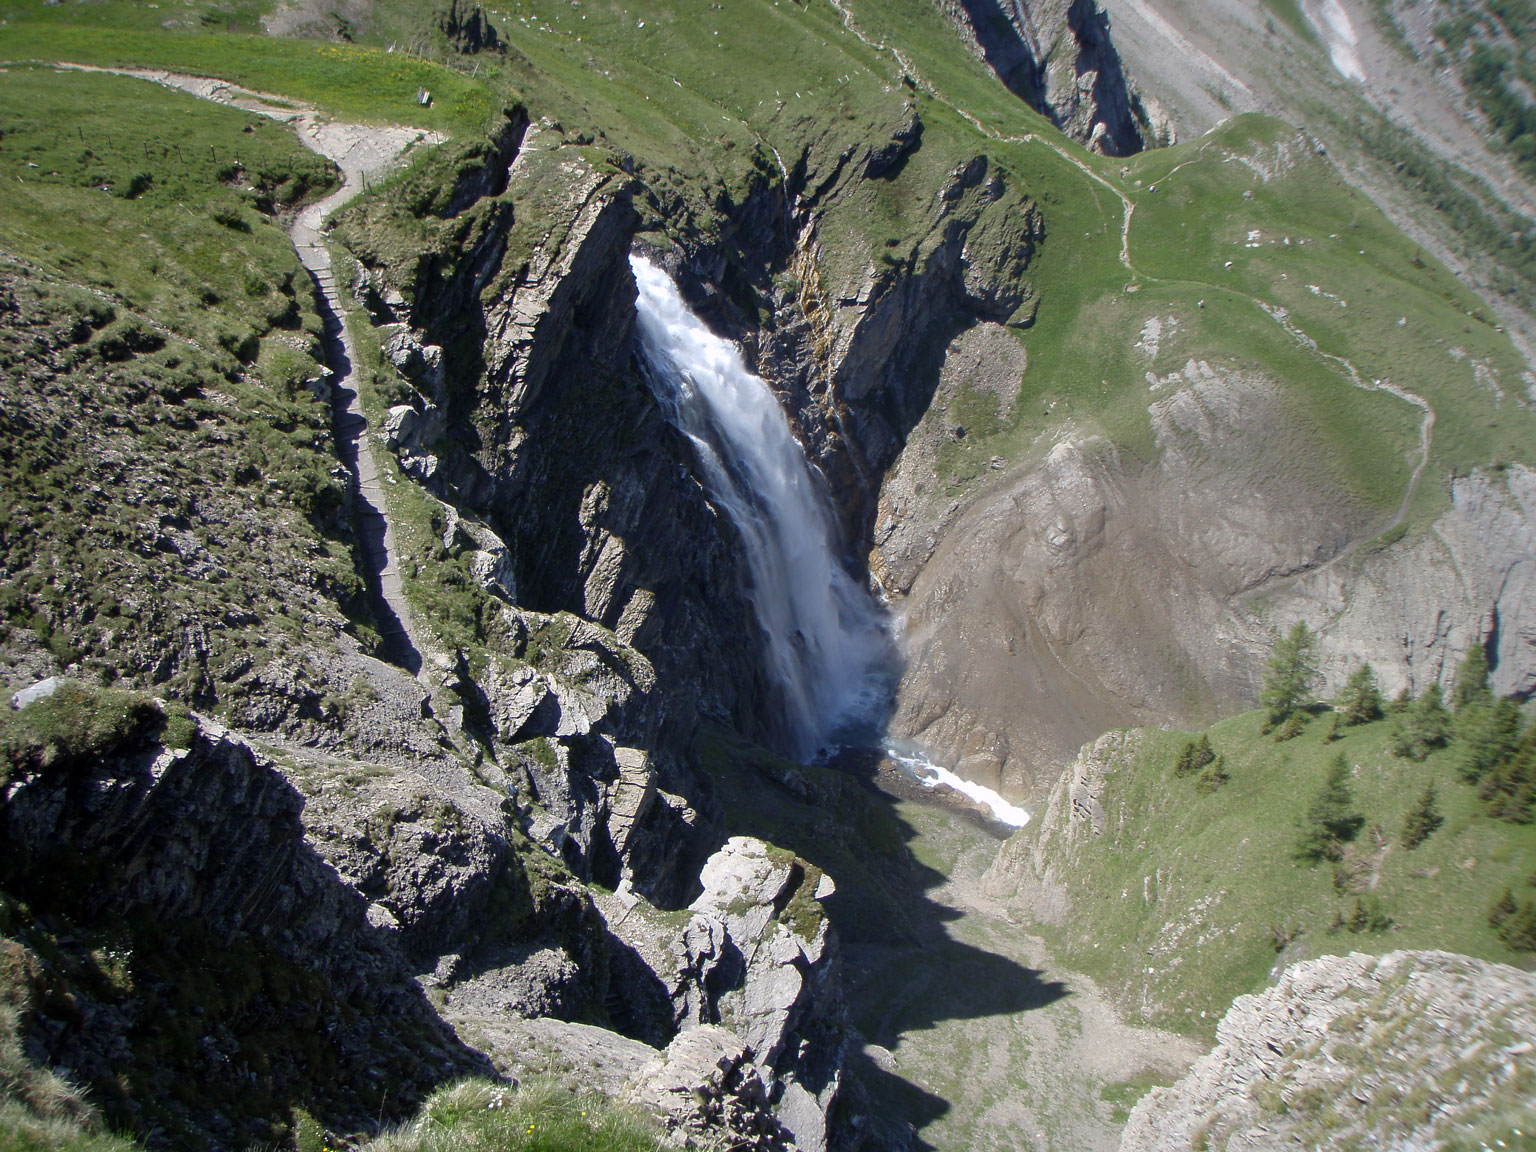 Klettersteig Adelboden : Klettersteig chäligang adelboden 19.06.2012